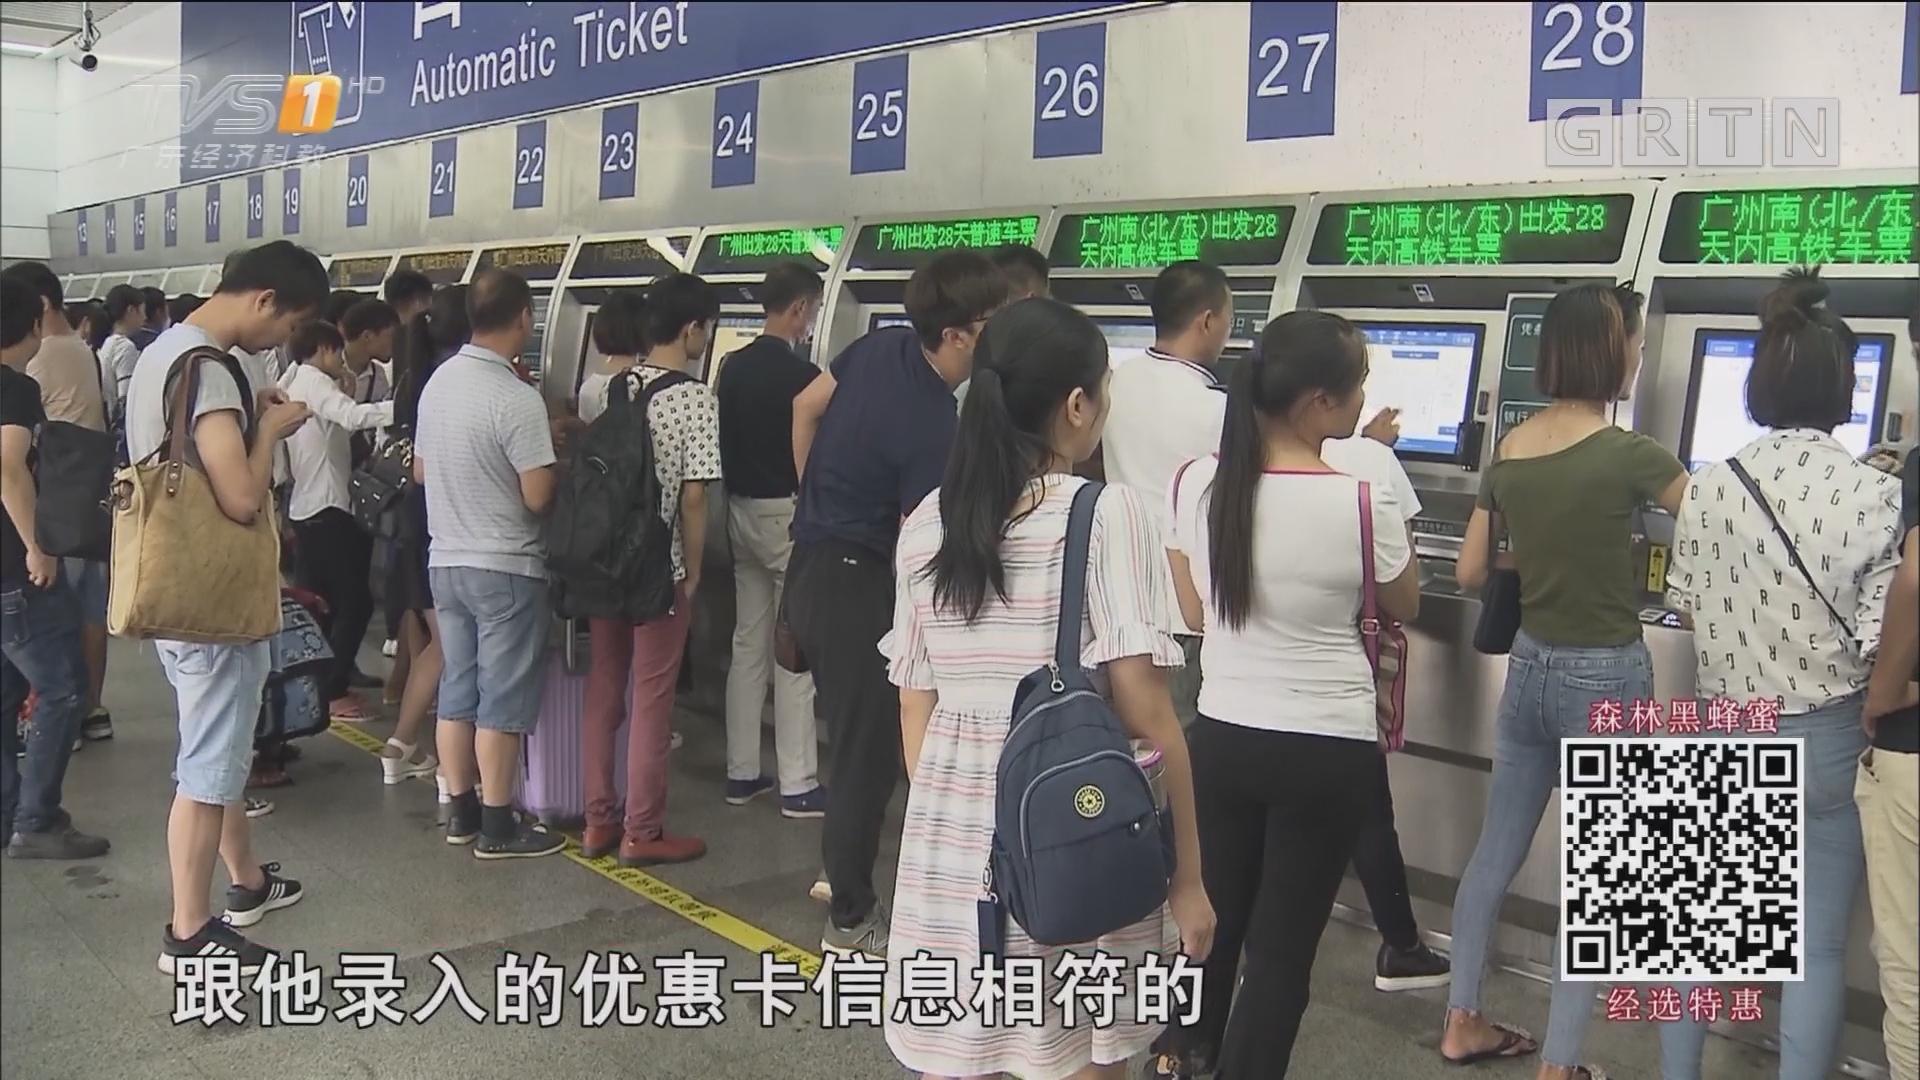 暑假来了!广州火车站迎来客流高峰